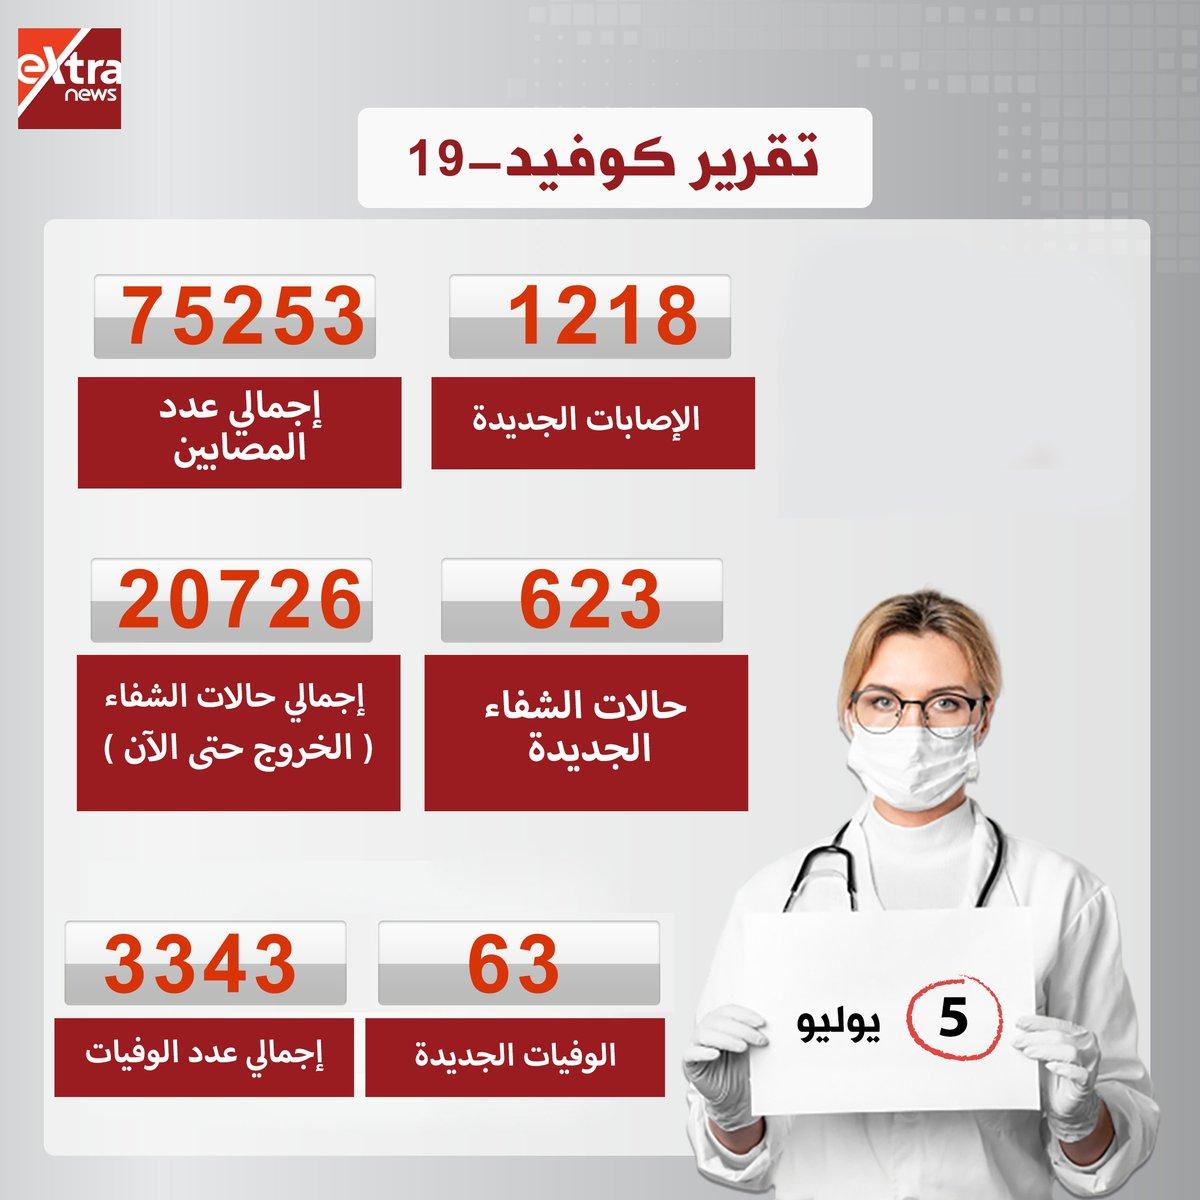 🔴#عاجل  الصحة: ارتفاع حالات الشفاء من مصابي فيروس كورونا إلى 20726 وخروجهم من المستشفيات.. تسجيل 1218 حالات إيجابية جديدة لفيروس كورونا.. و 63 حالة وفاة #eXtranews https://t.co/7tvP7nmNeV